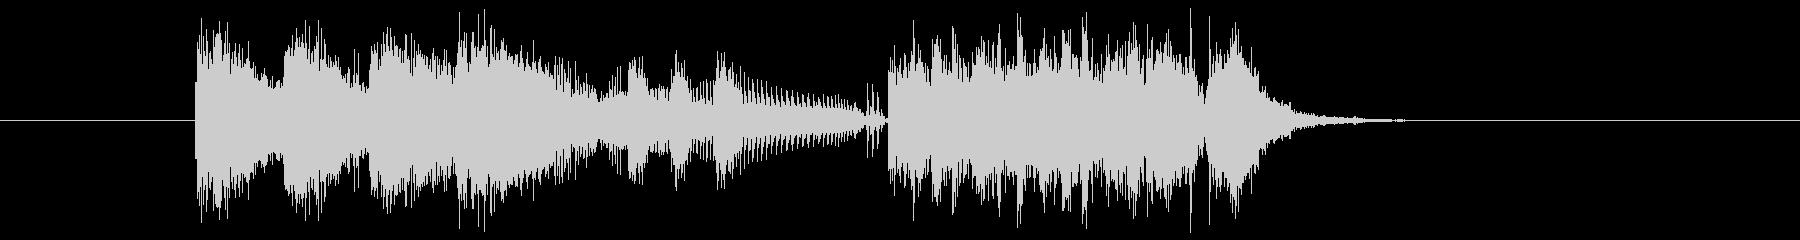 クイズ アタック テーマ エンディングの未再生の波形